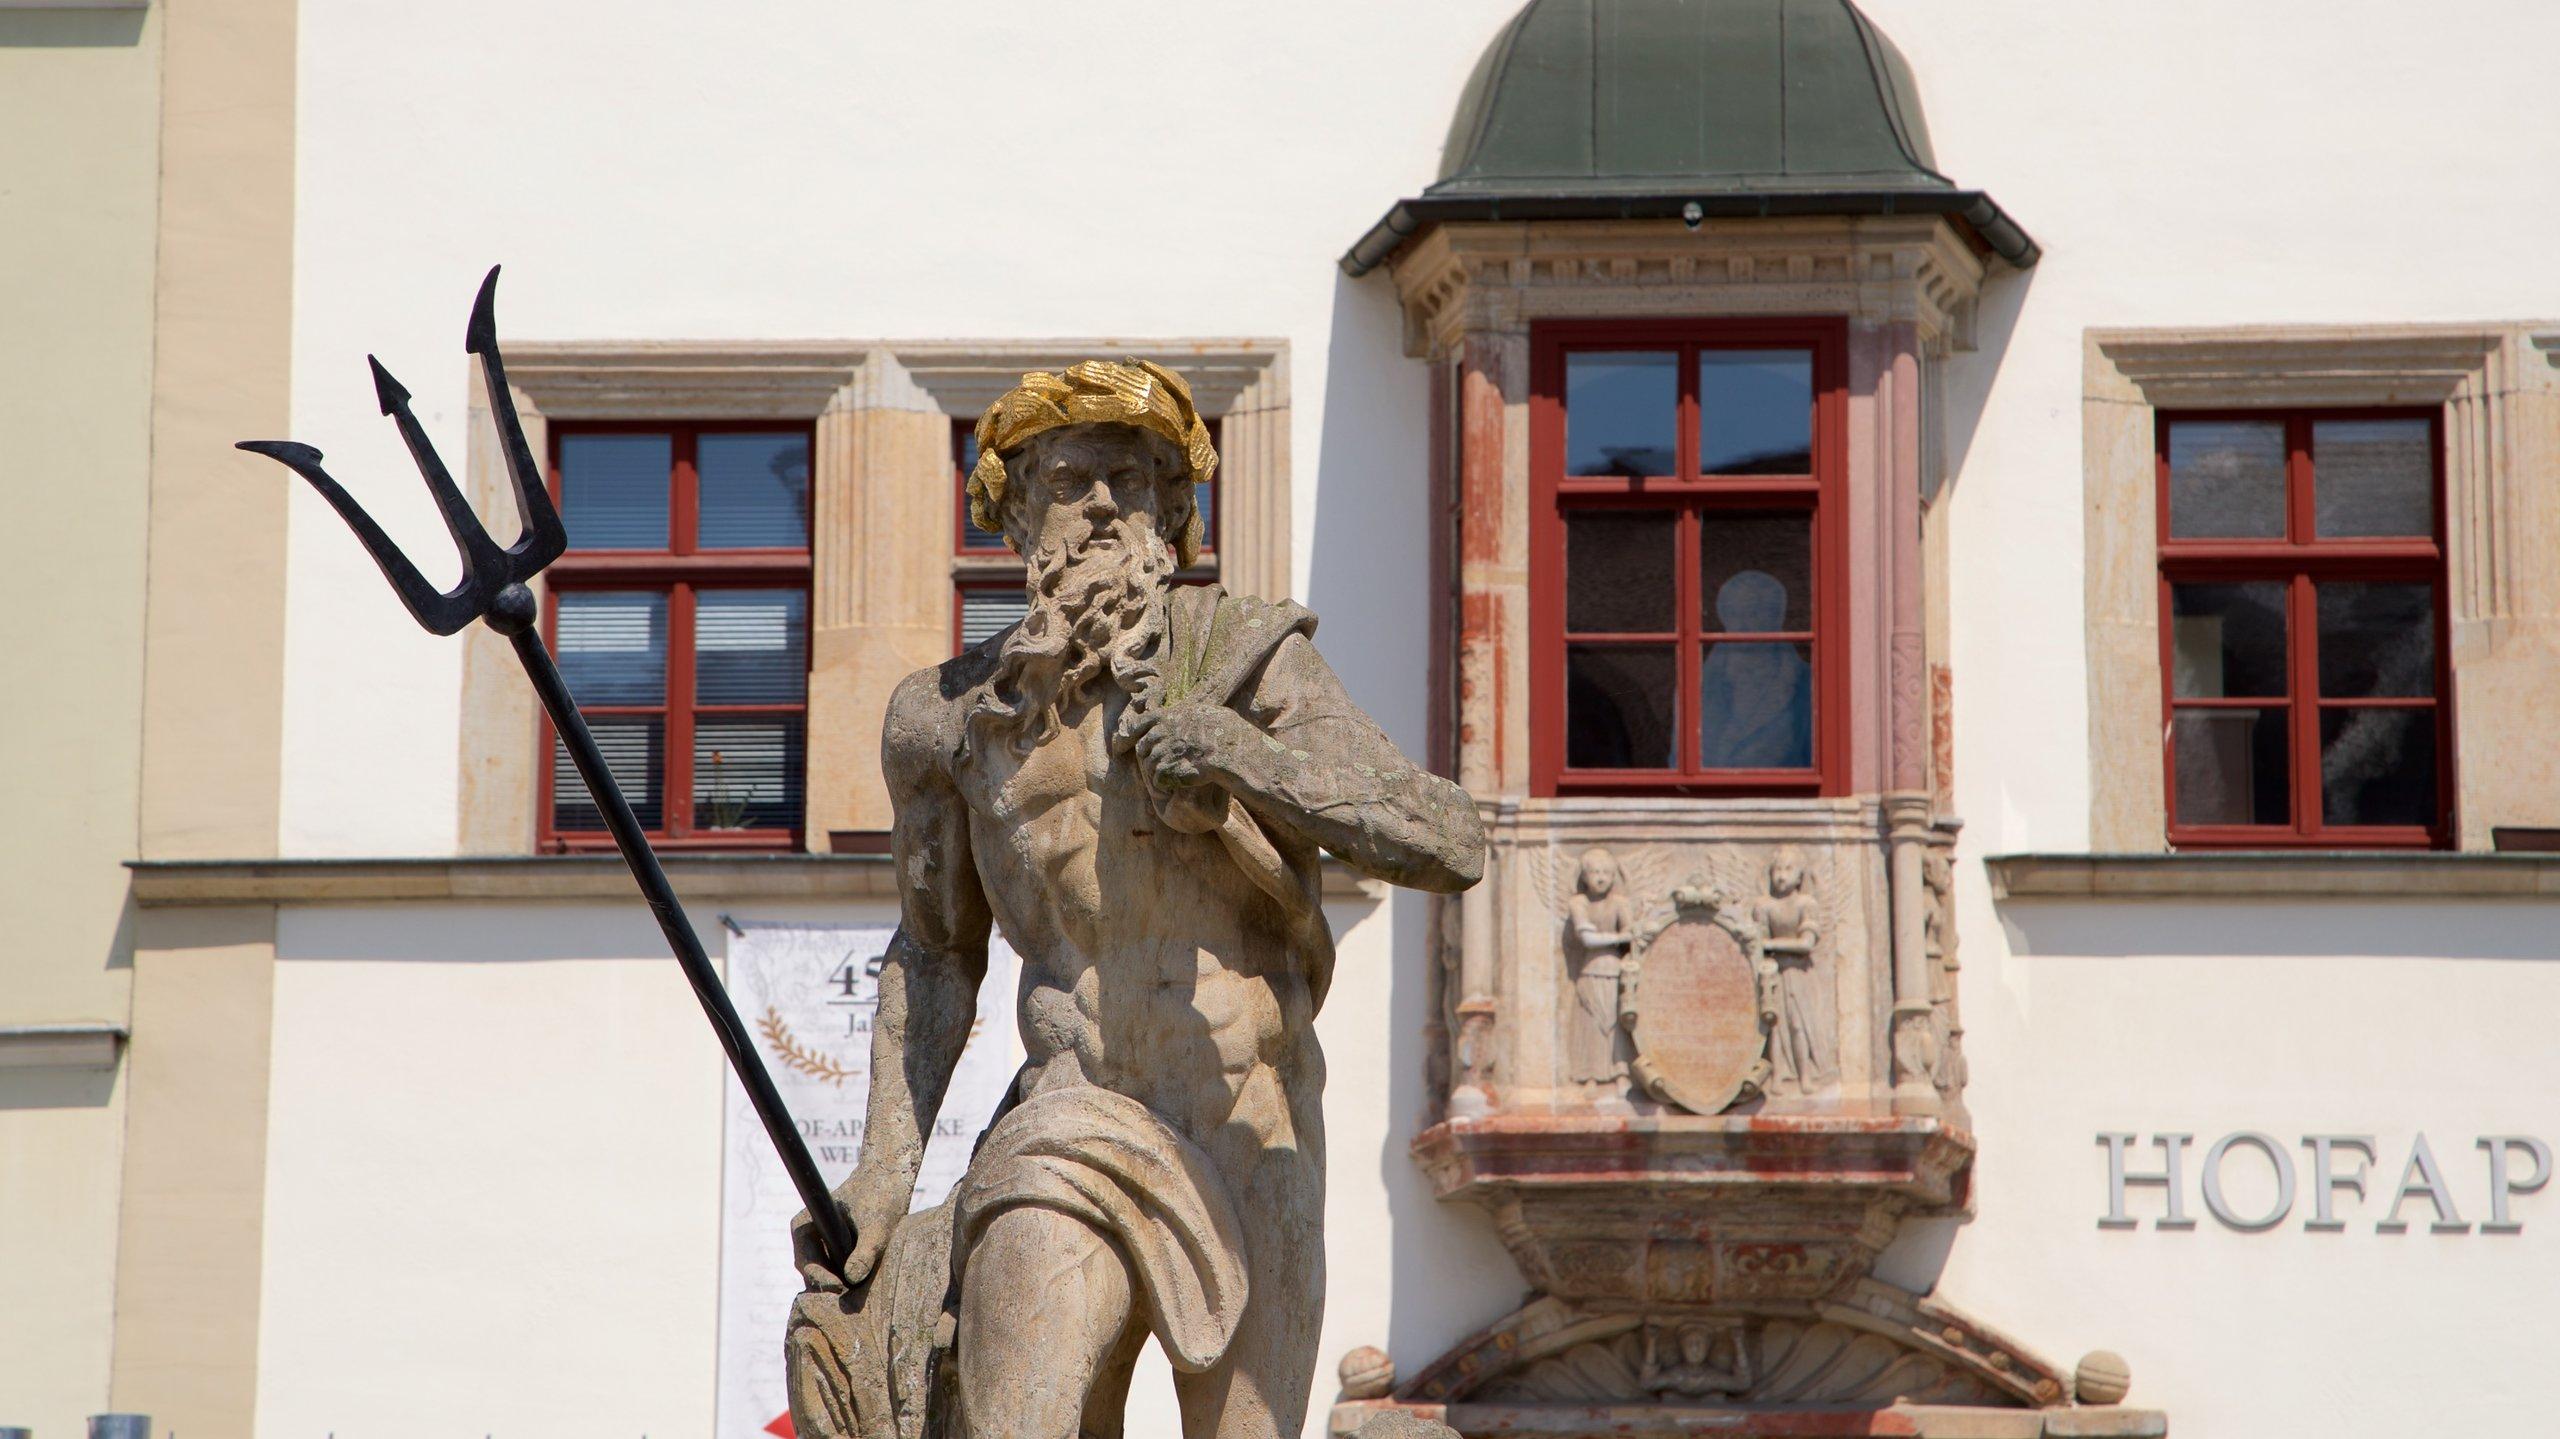 Landkreis Weimarer Land, Thüringen, Deutschland